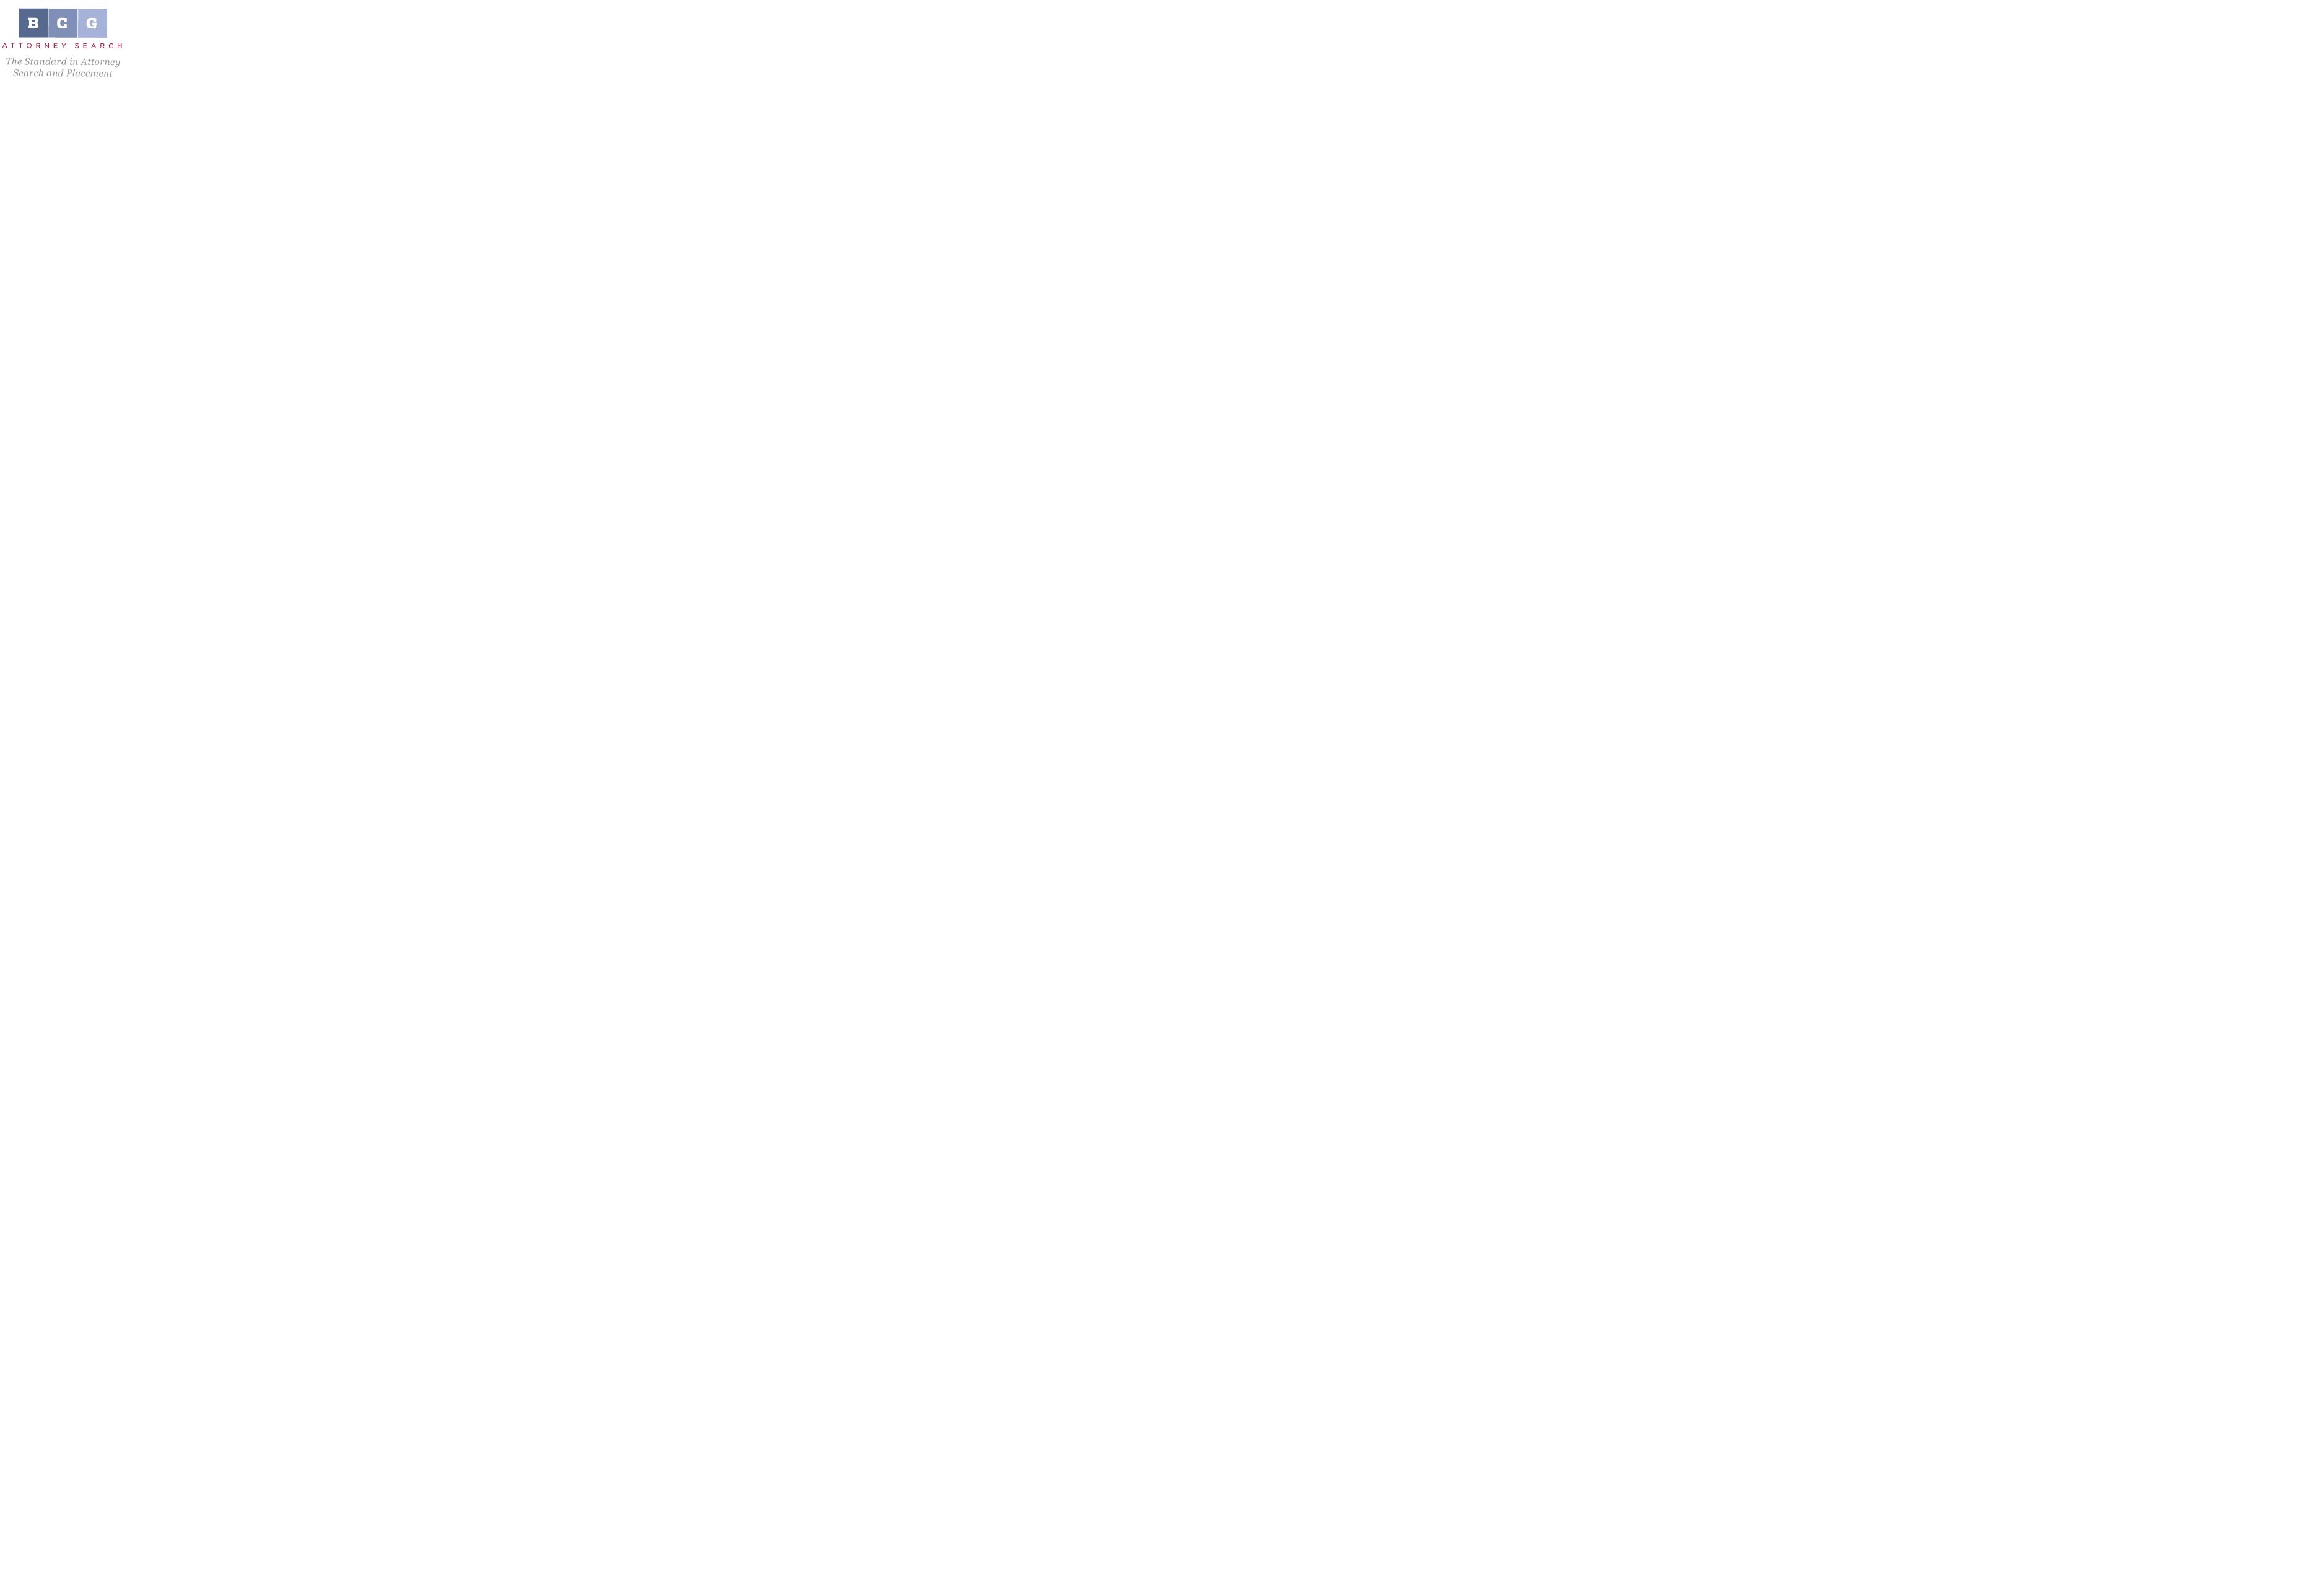 BCG Attorney Search logo